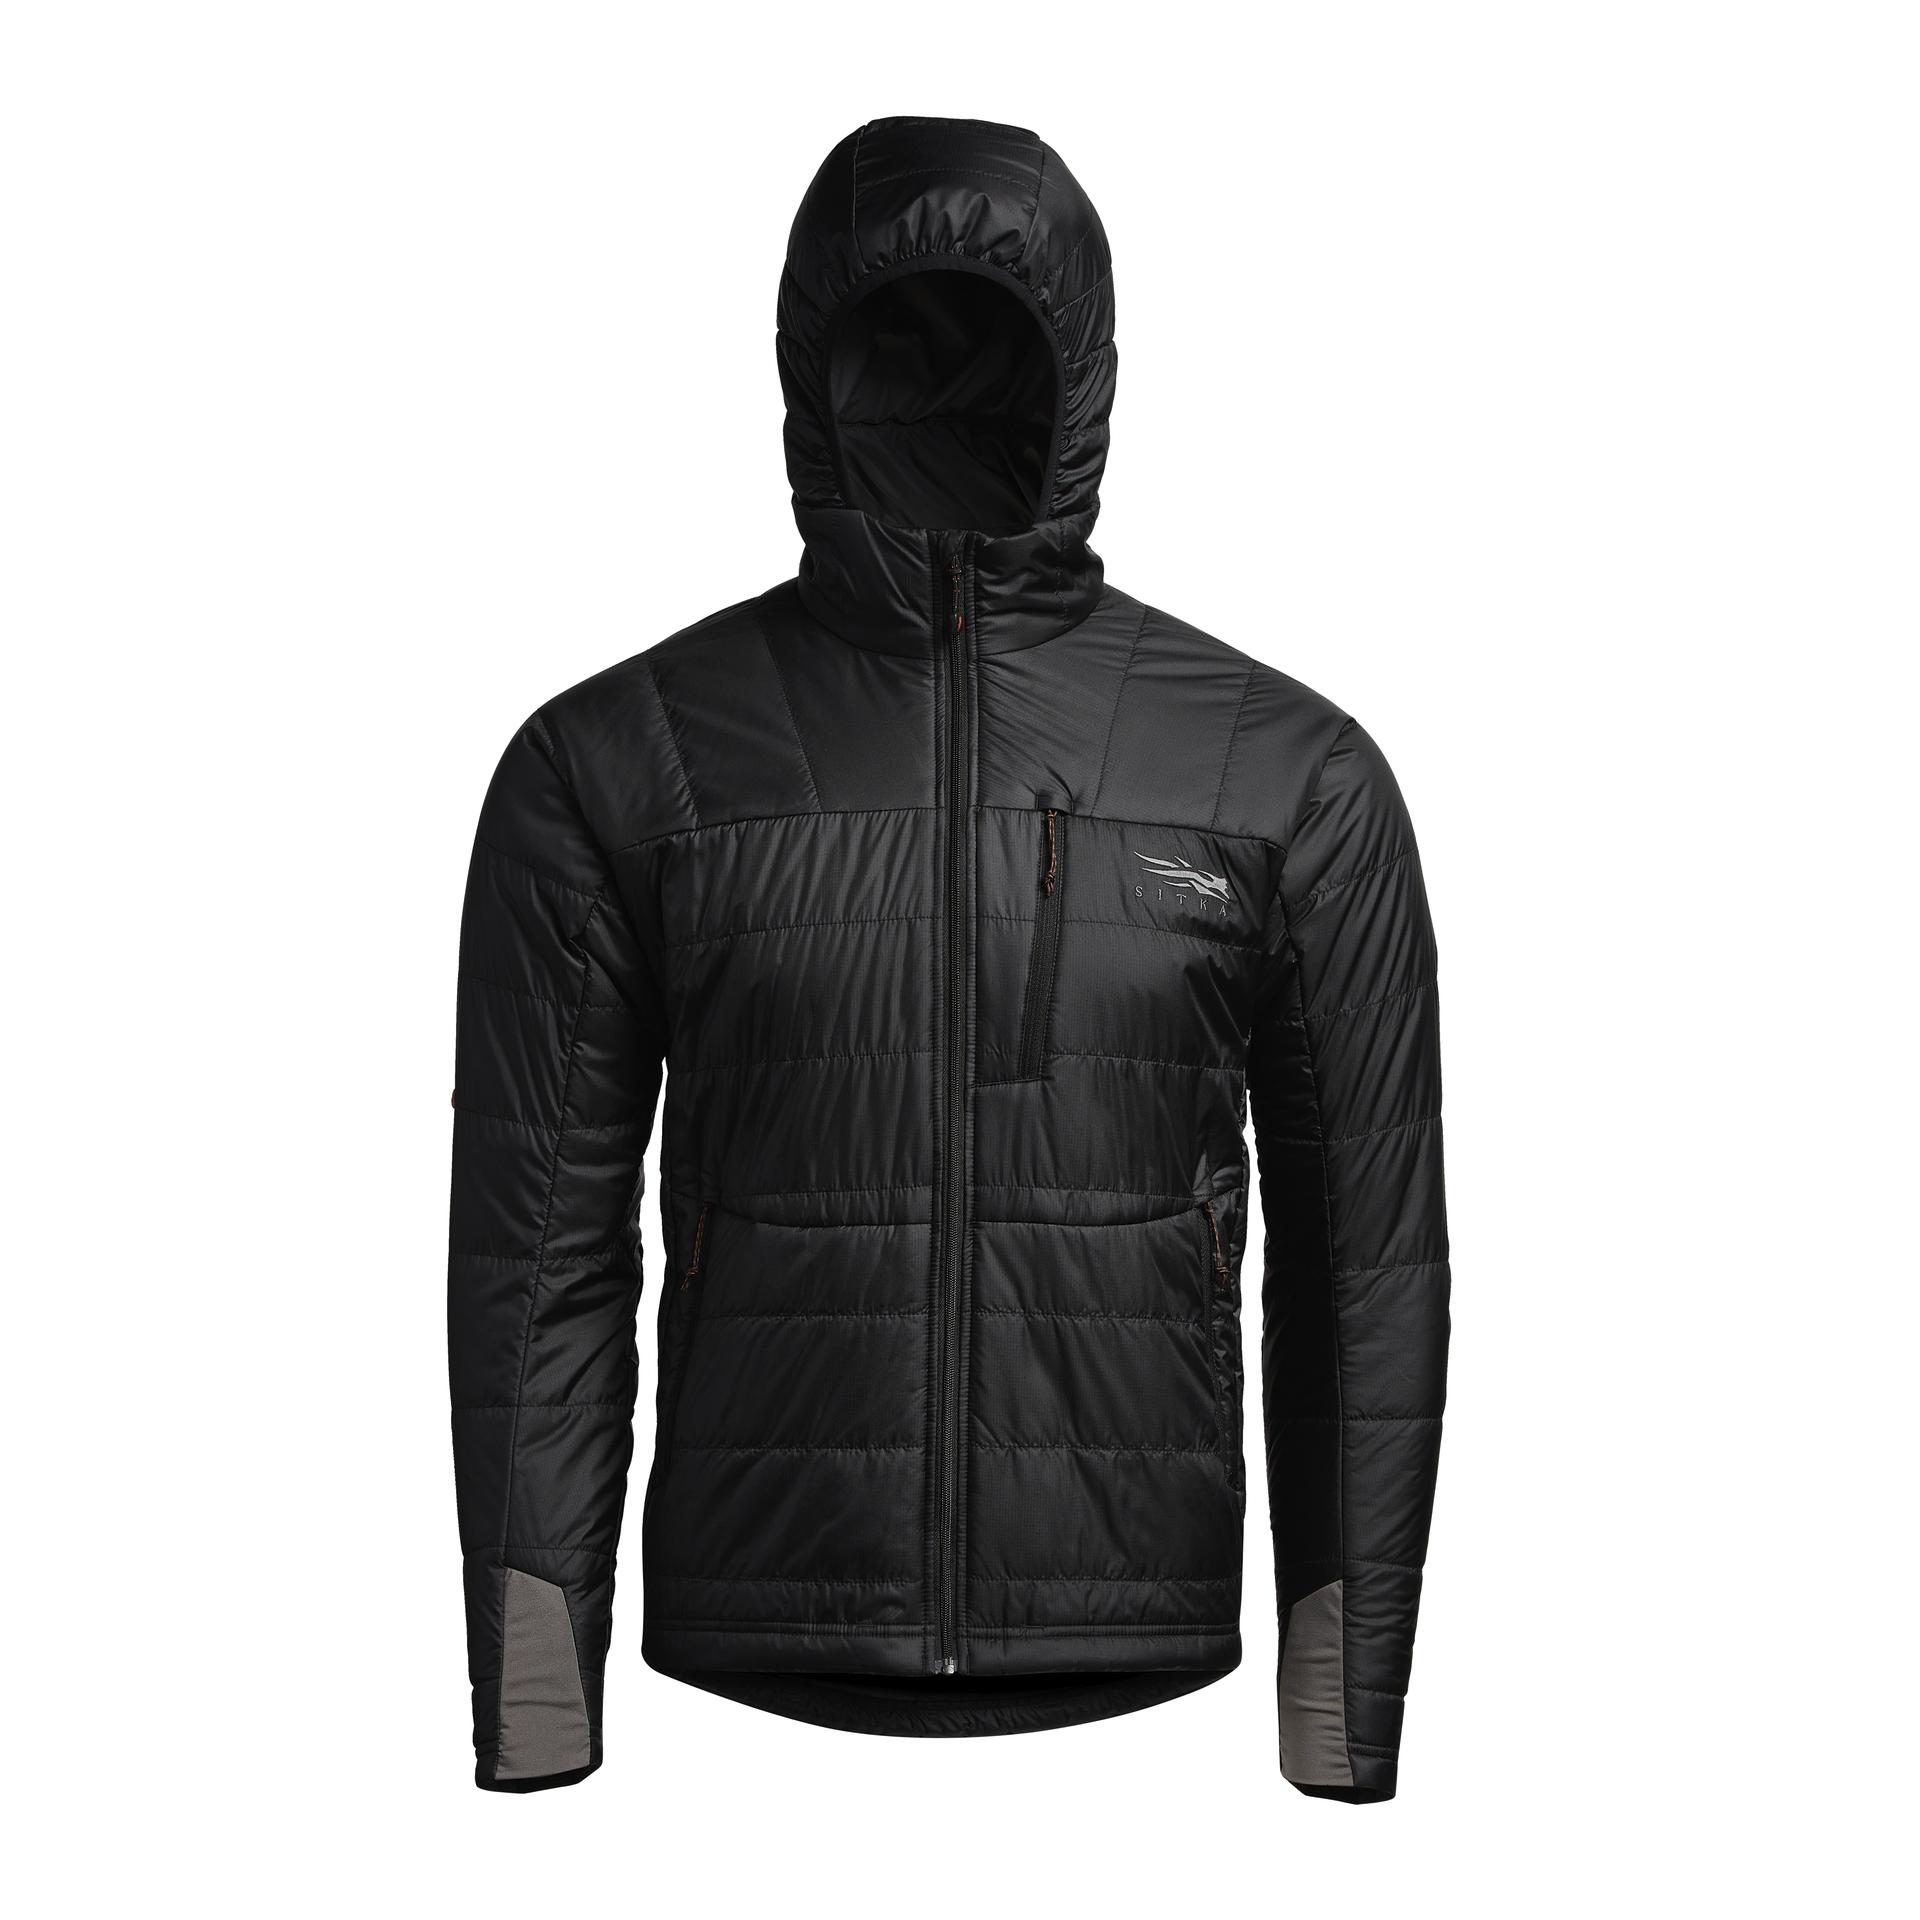 Sitka Gear - Kelvin Aerolite Jacket Black